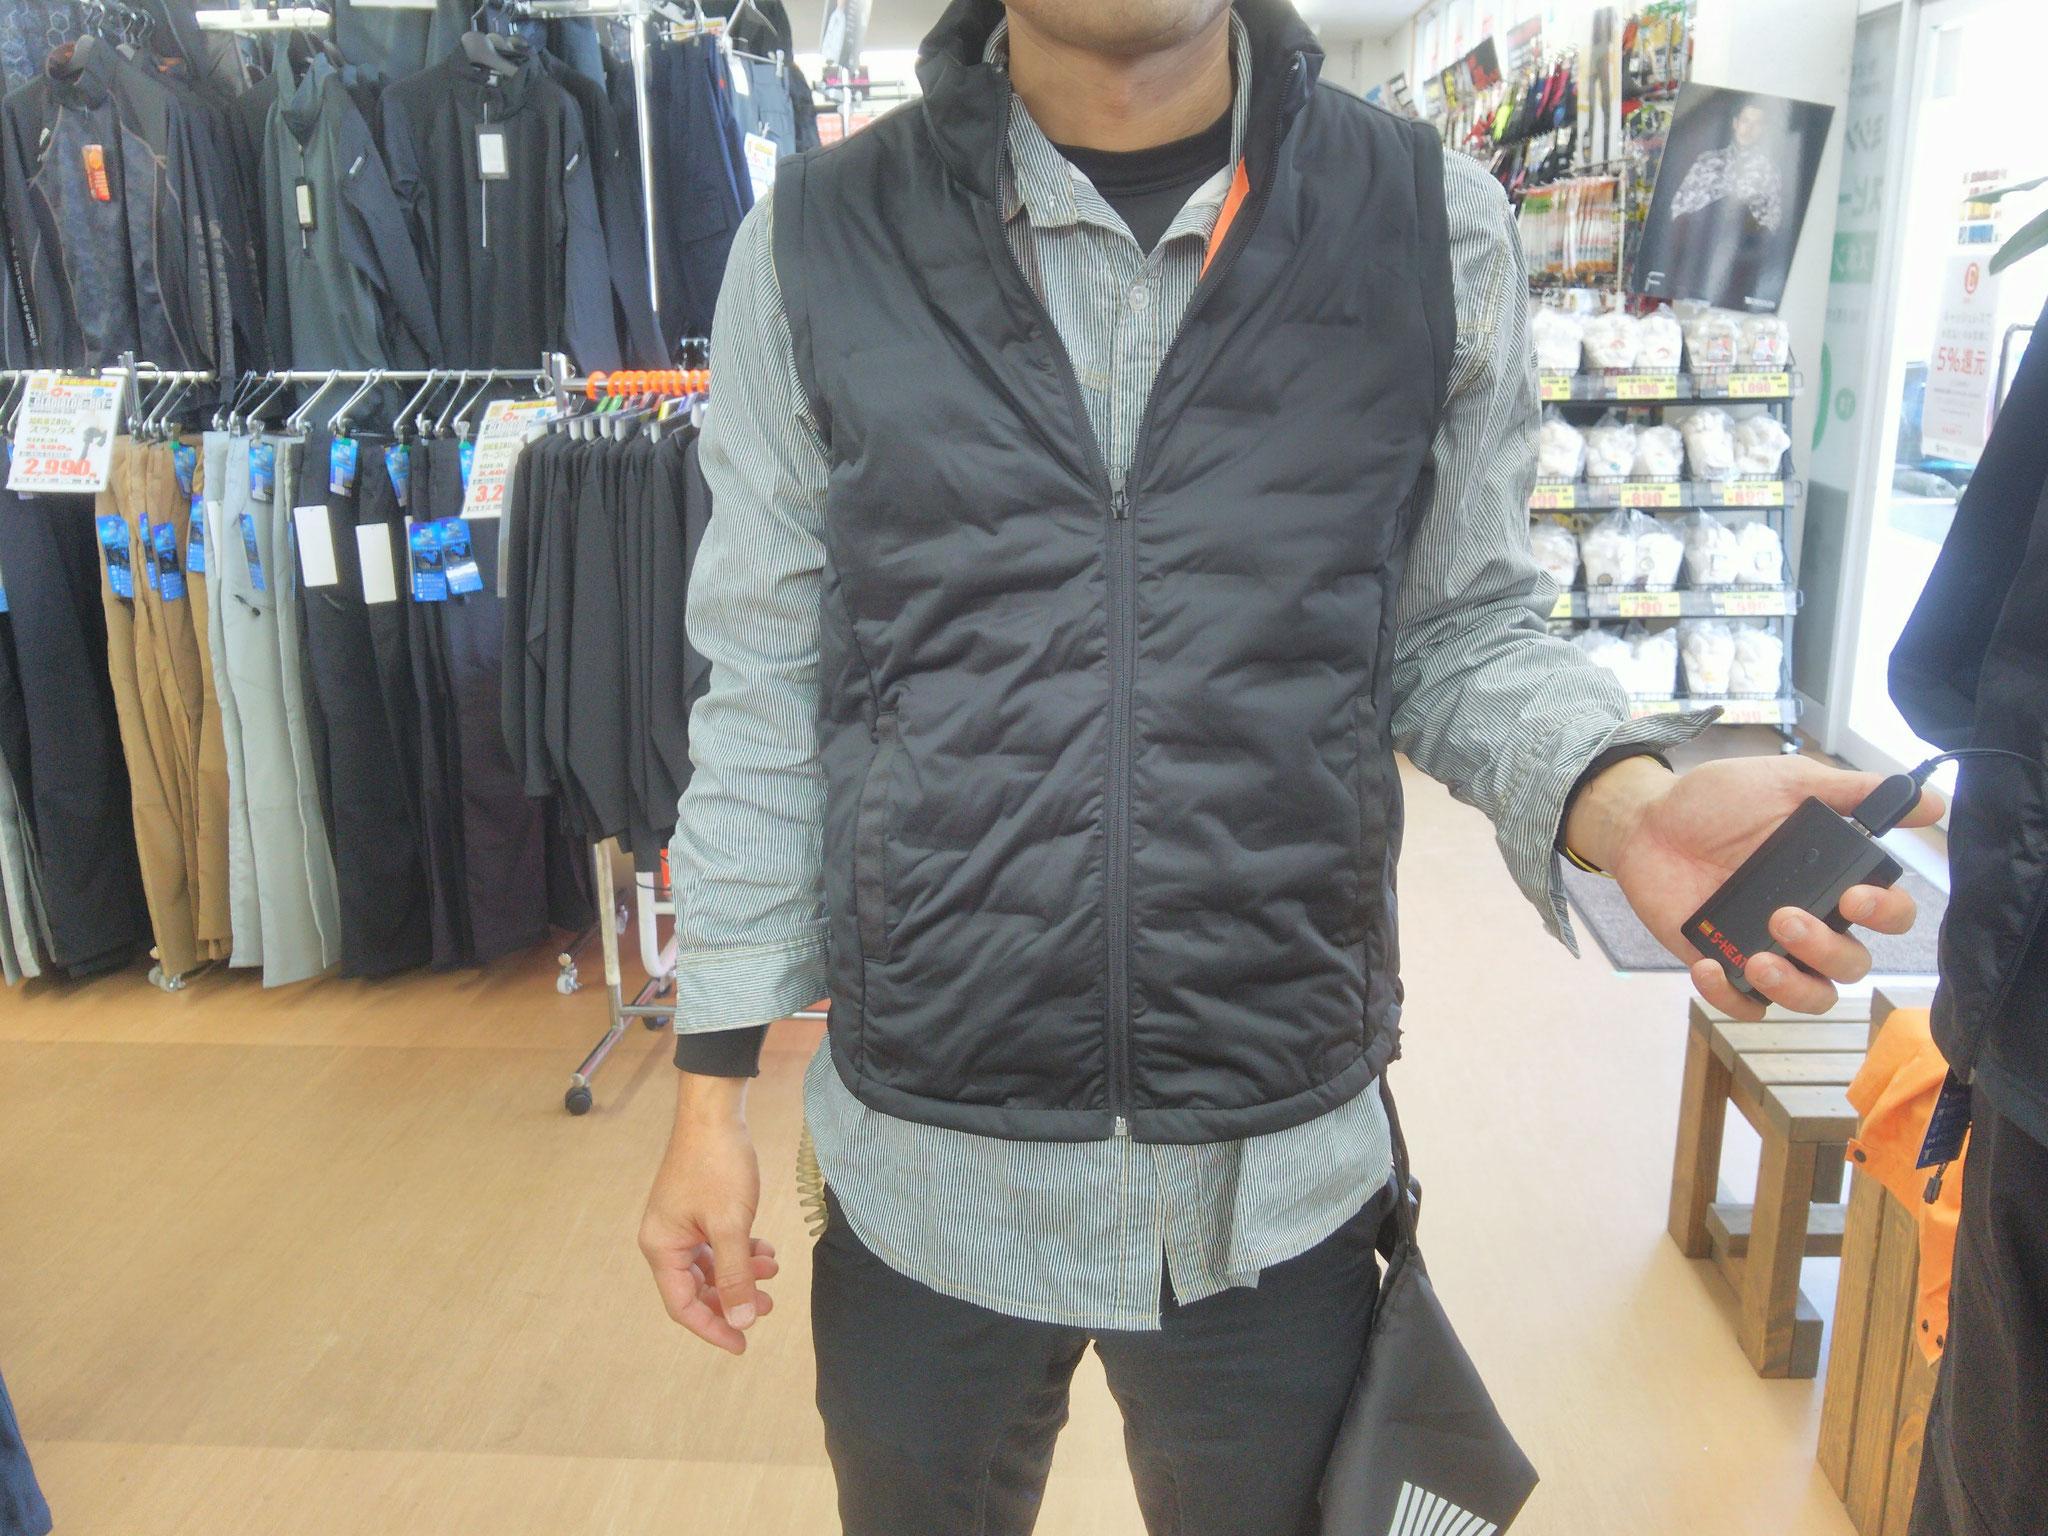 S-HEAT~エス・ヒート~暖房ベスト 暖房ベスト+暖房機器 ¥13,400(税込)